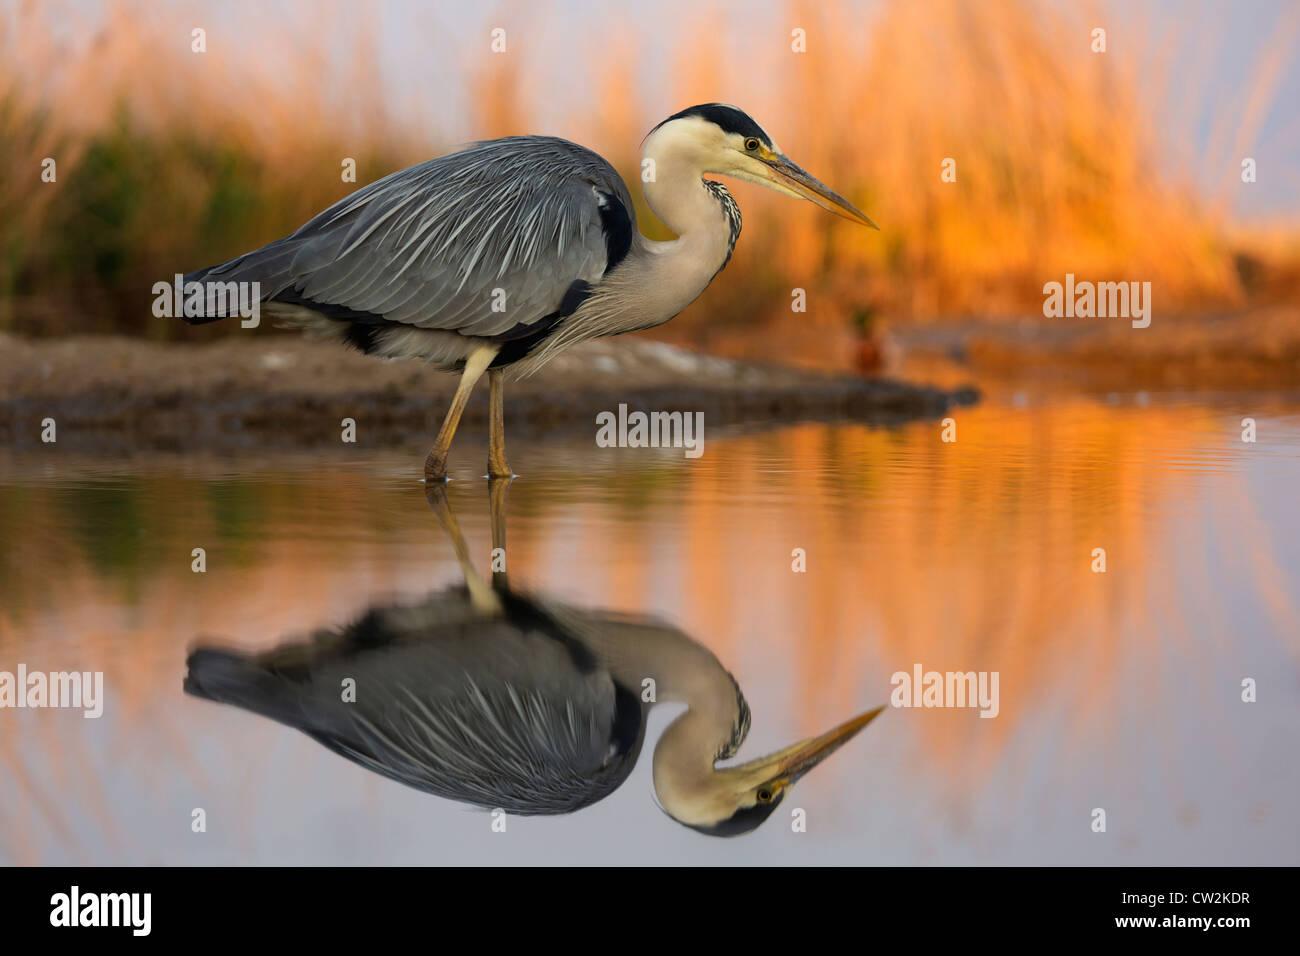 Airone cinerino (Ardea cinerea) stalking preda.fame Immagini Stock